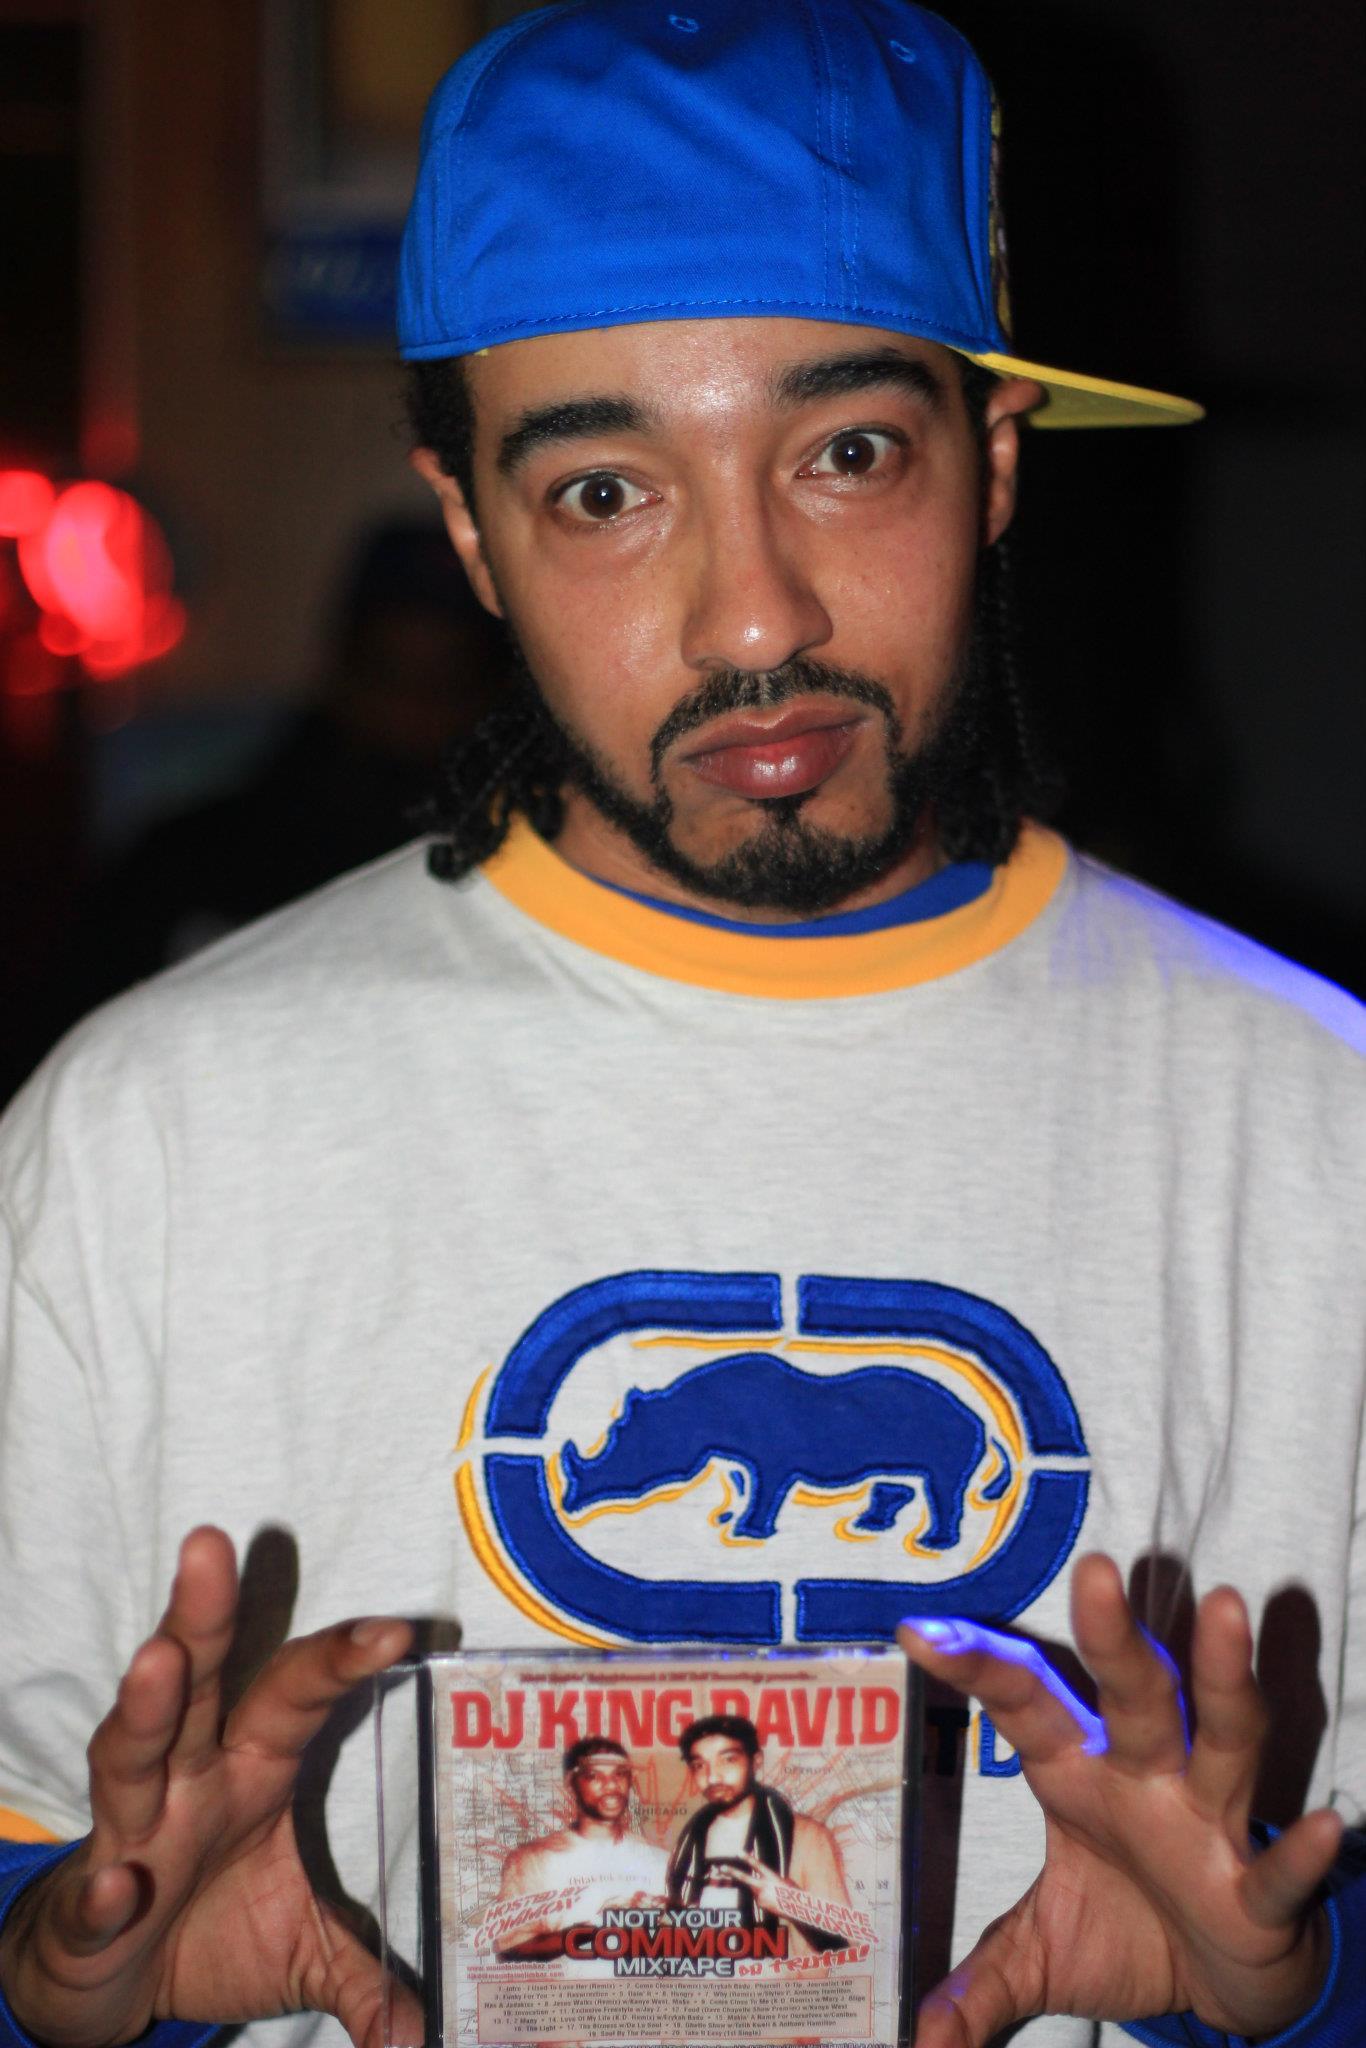 DJ King David